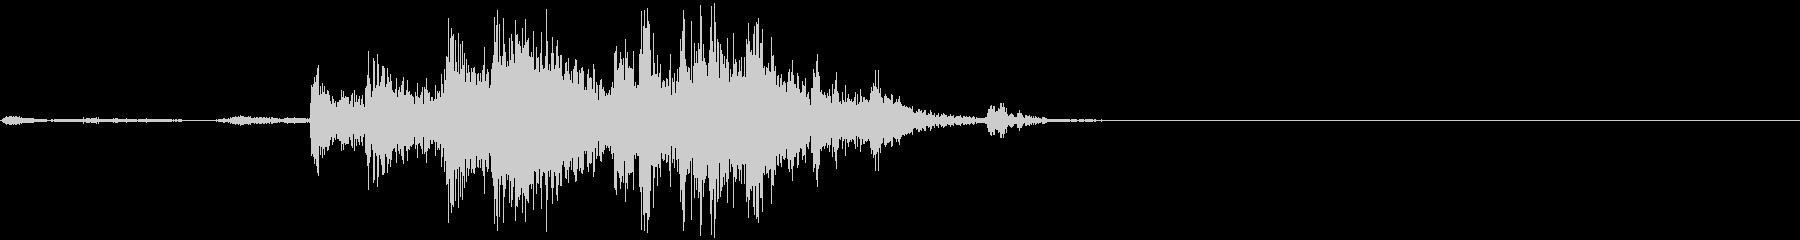 金属製の大きなものが音を立てて壊れる音の未再生の波形